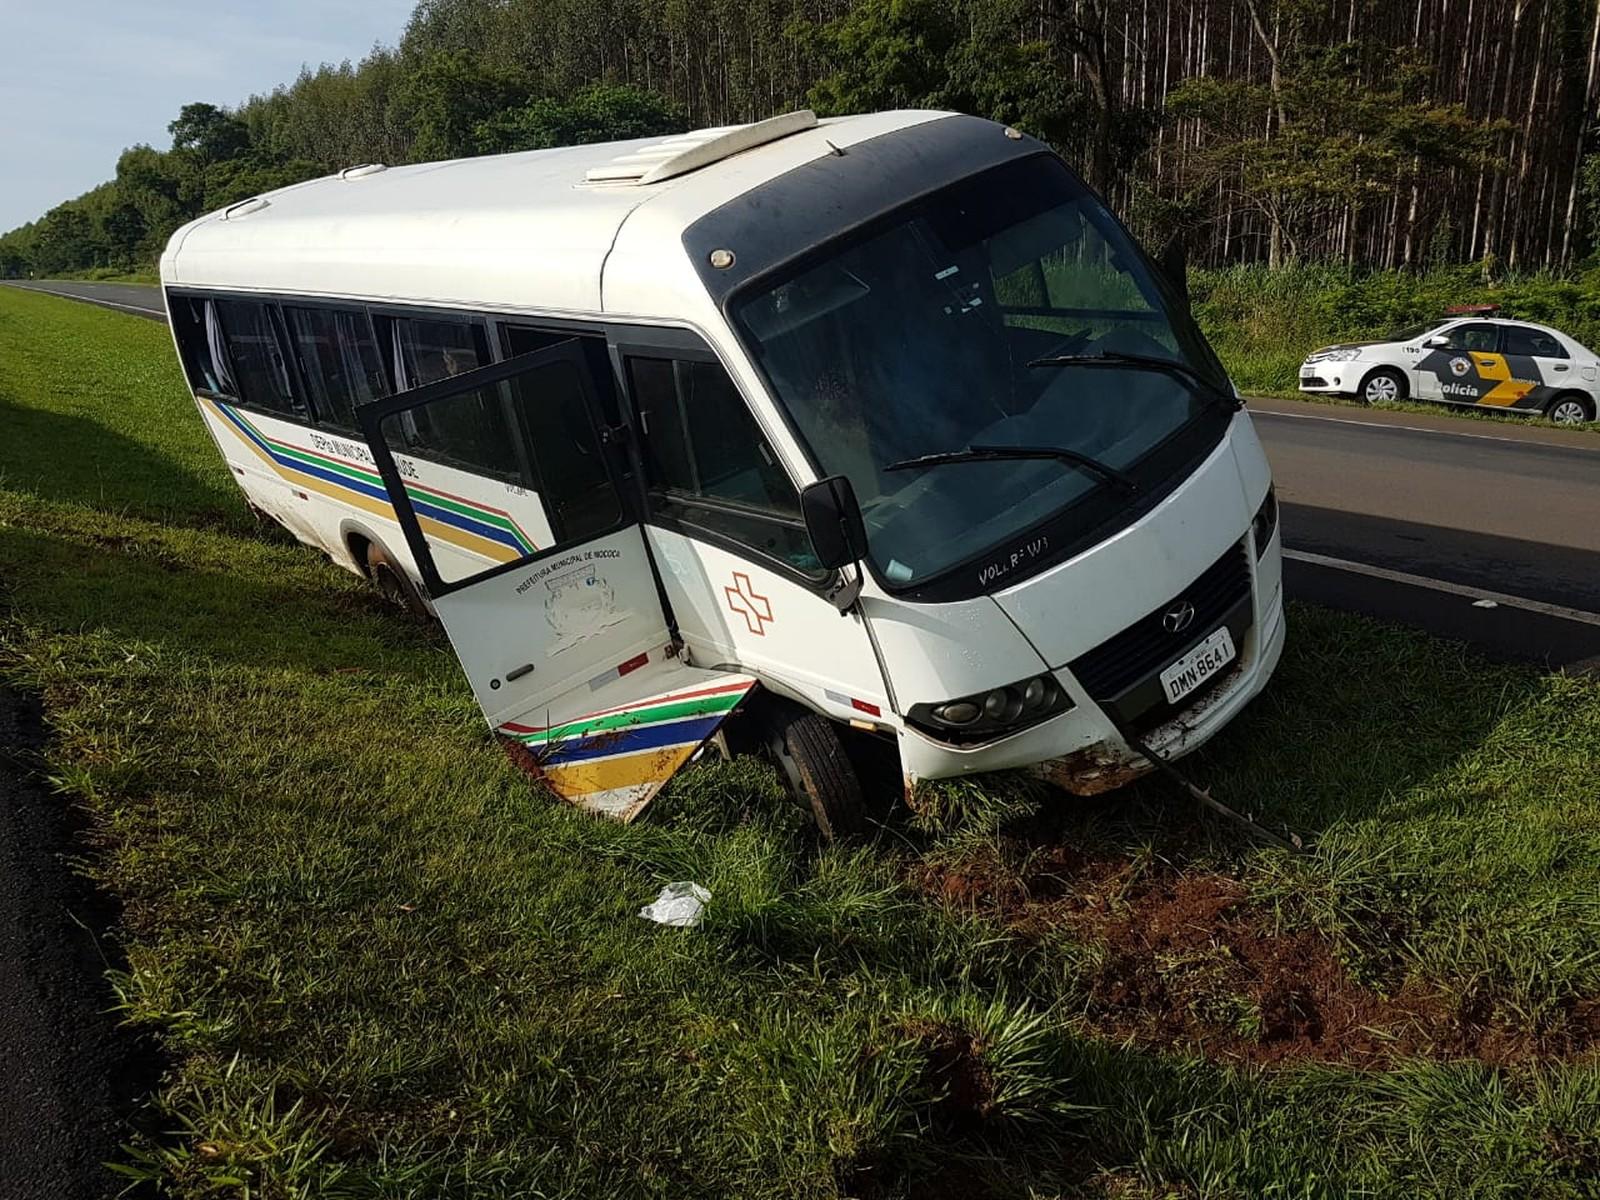 f5b5d41a7 Acidente com micro-ônibus de Mococa deixa 1 morto e 4 feridos em Aguaí-SP